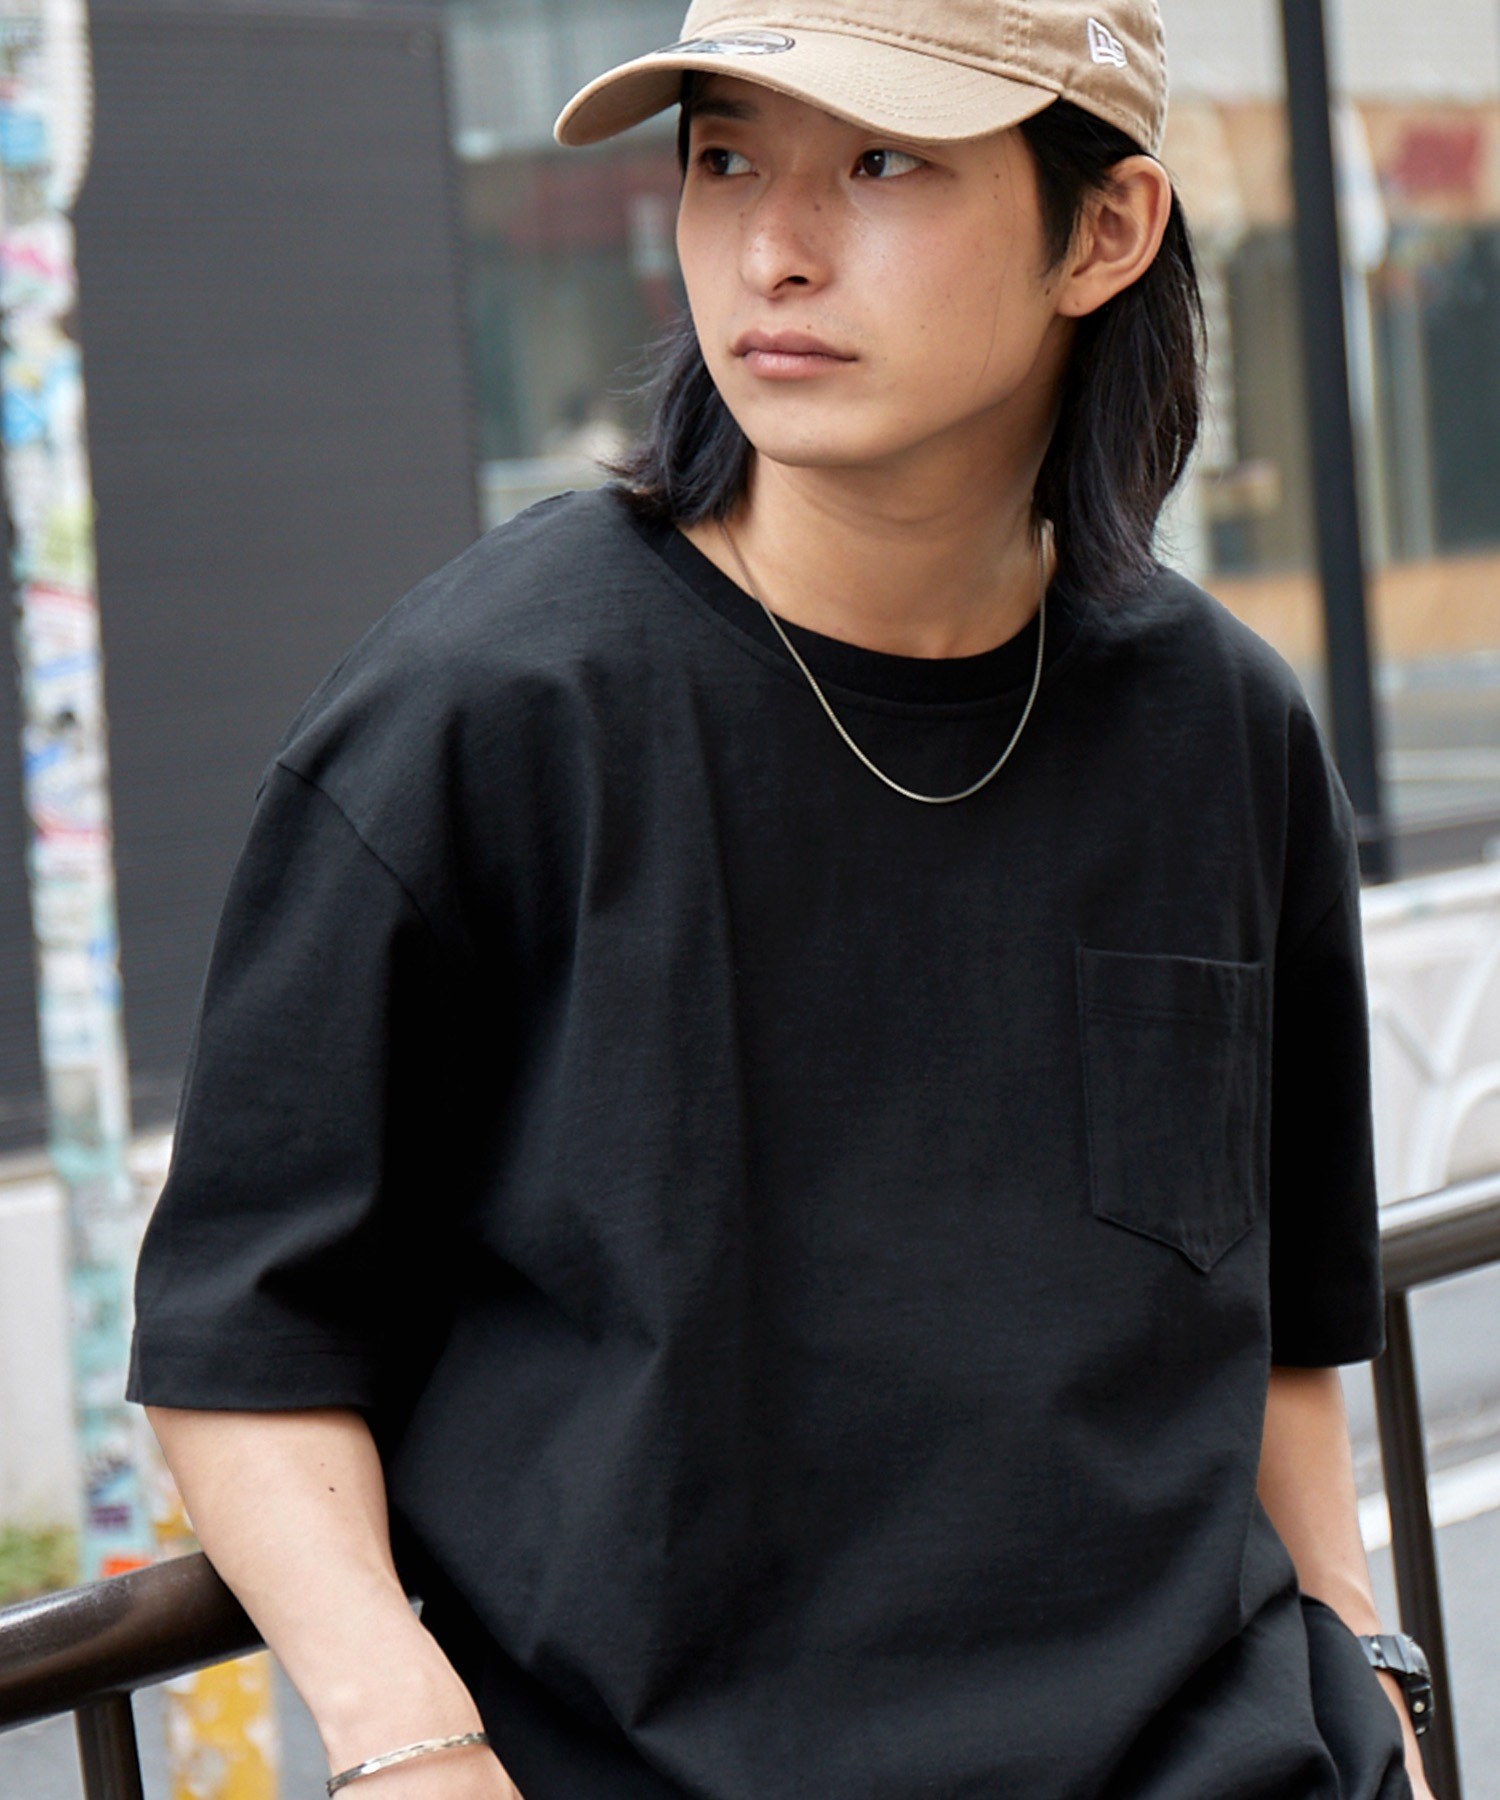 ヘビーウェイト ビッグシルエット USAコットン プルオーバー 無地T トップス Tシャツ (1/2 sleeve)